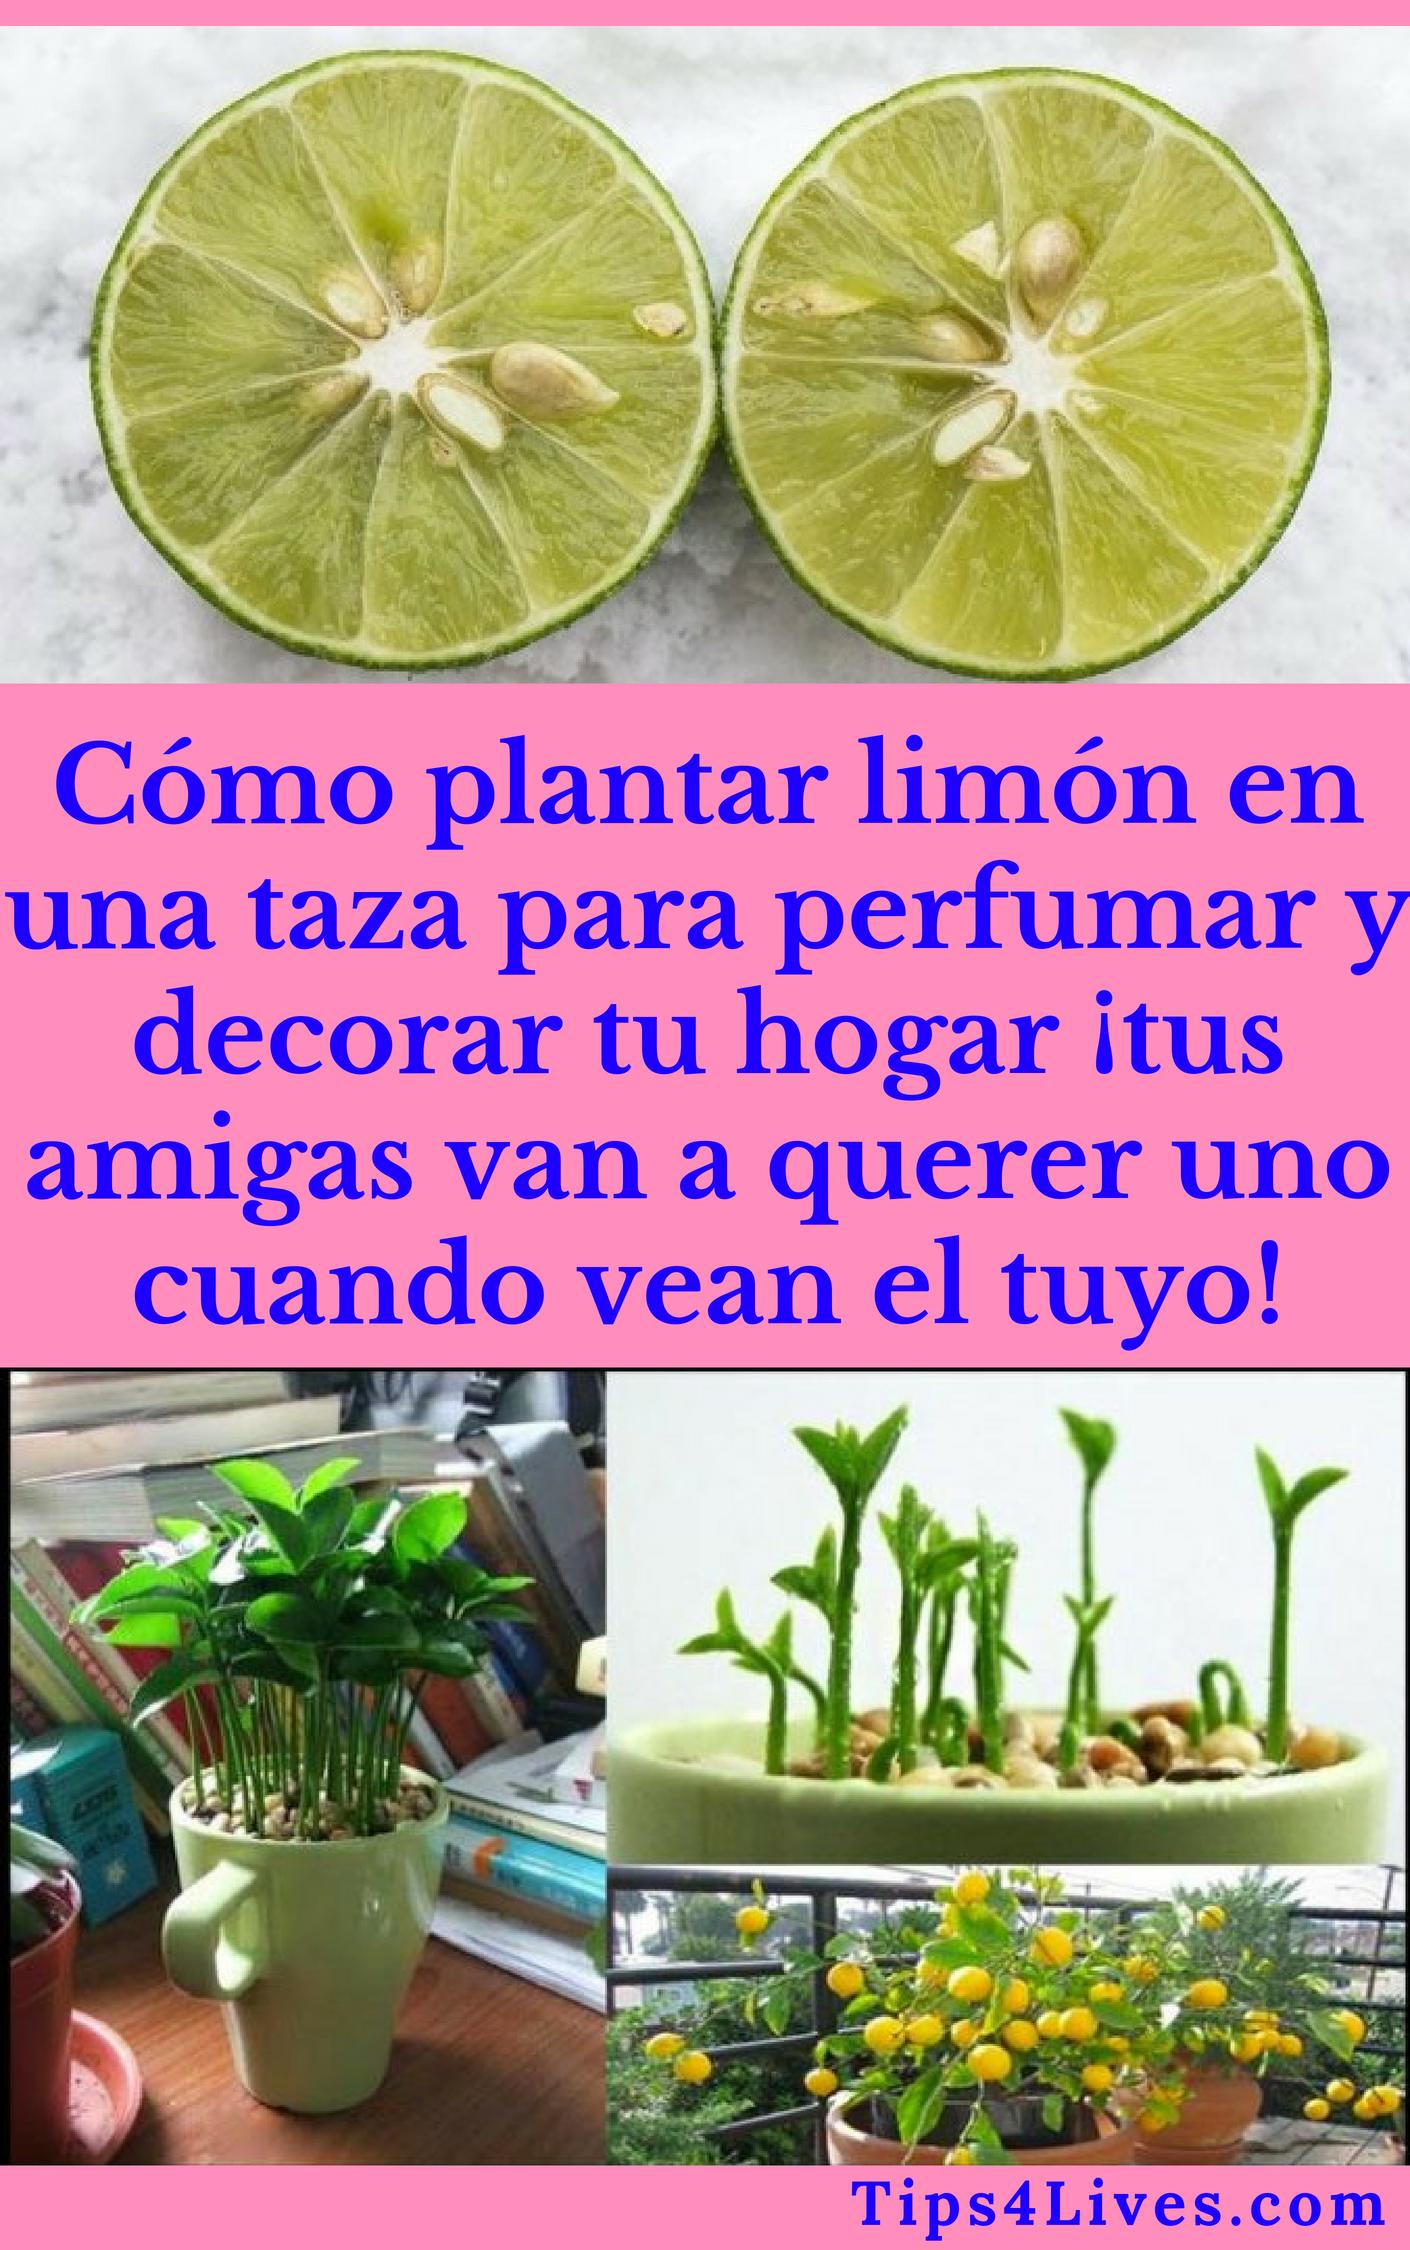 Cómo plantar limón en una taza para perfumar y decorar tu hogar ¡tus amigas van a querer uno cuando vean el tuyo!